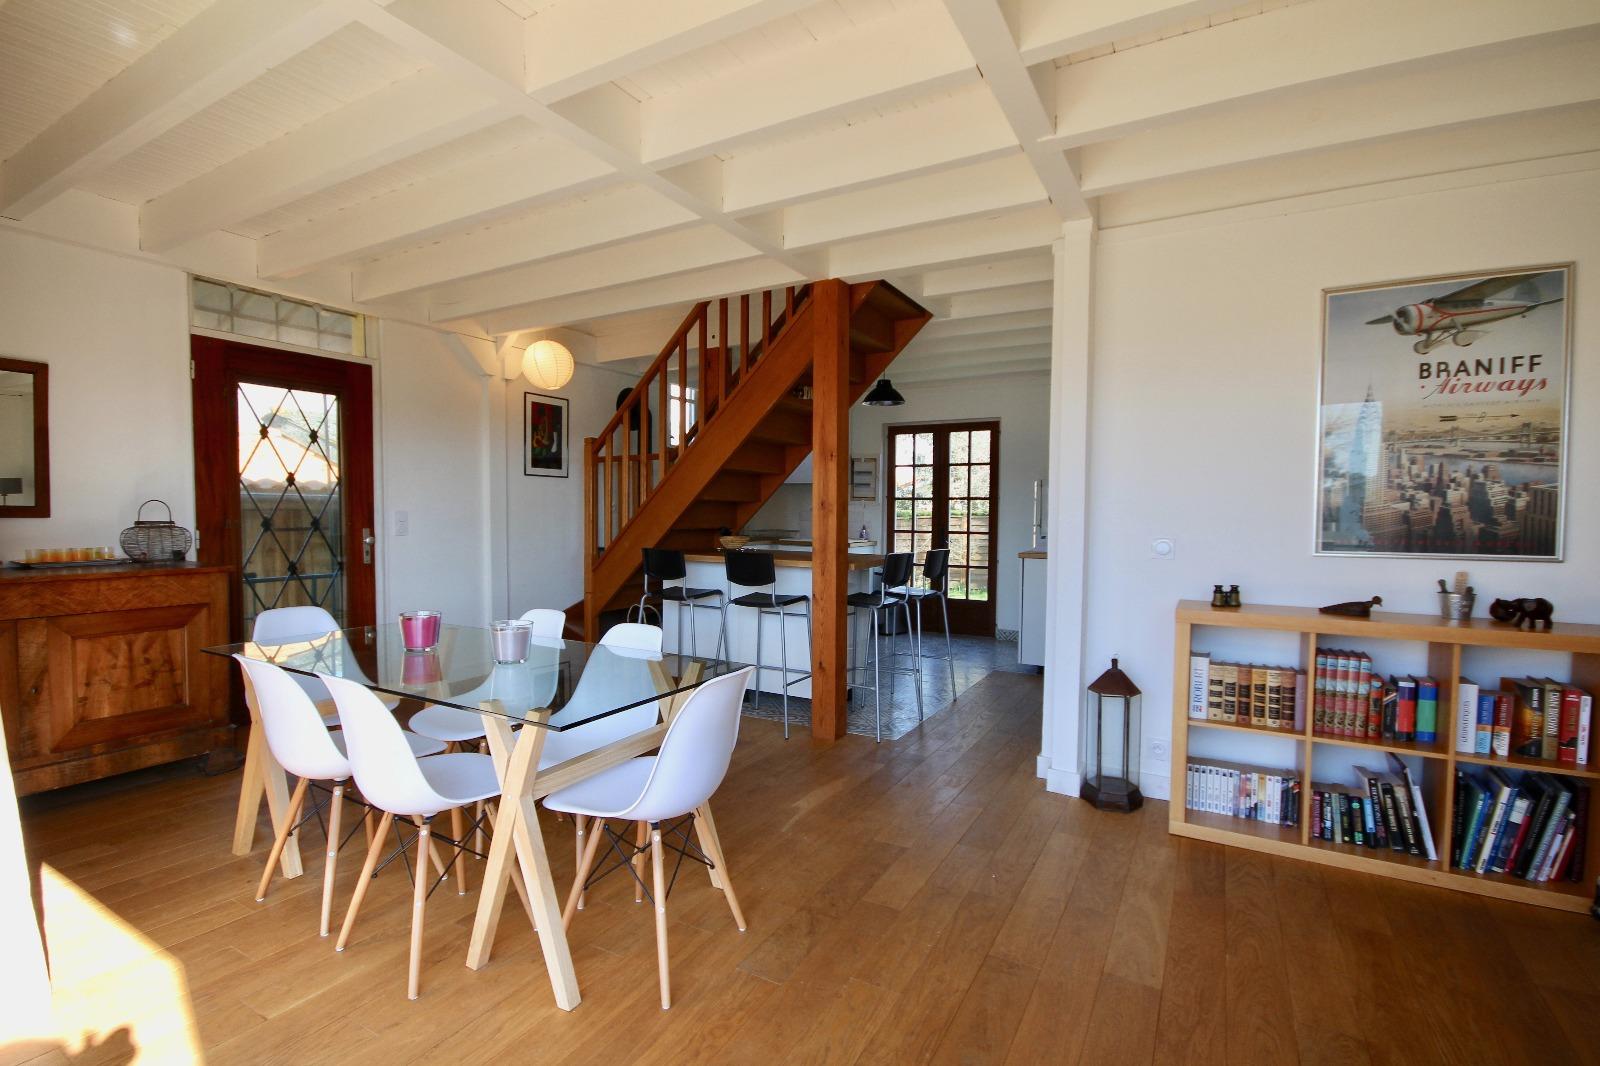 vente maison gujan mestras 33470 96m avec 5 pi ce s dont 4 chambre s sur 485m de terrain. Black Bedroom Furniture Sets. Home Design Ideas